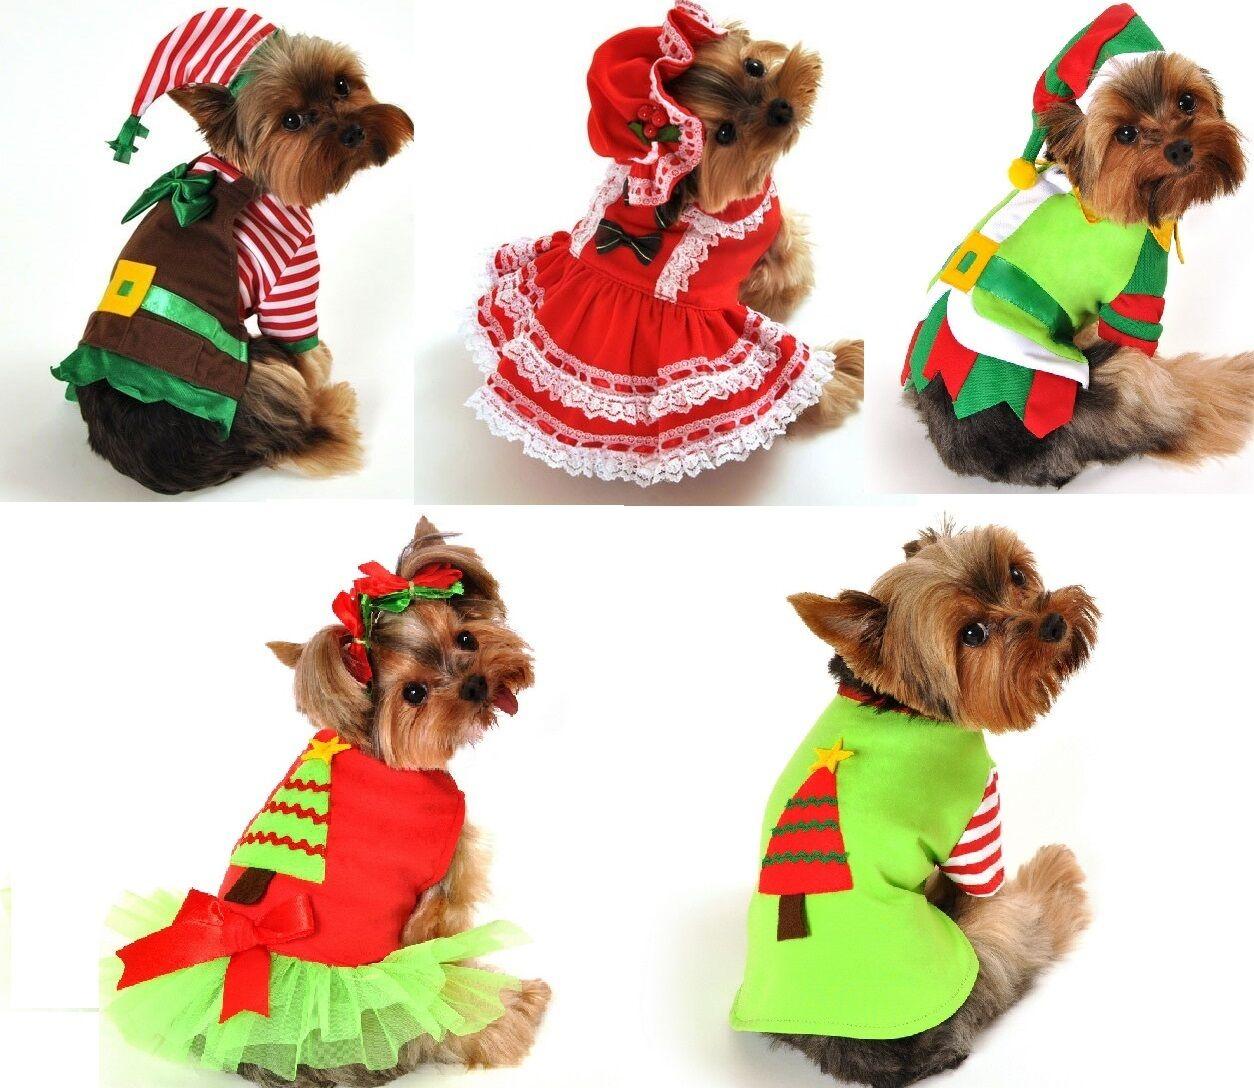 Haustier Hund Katze Katze Katze Weihnachtsmann Elf Geschenk Kostüm Kleid Outfit Kleidung  | Schön geformt  4bc5f2